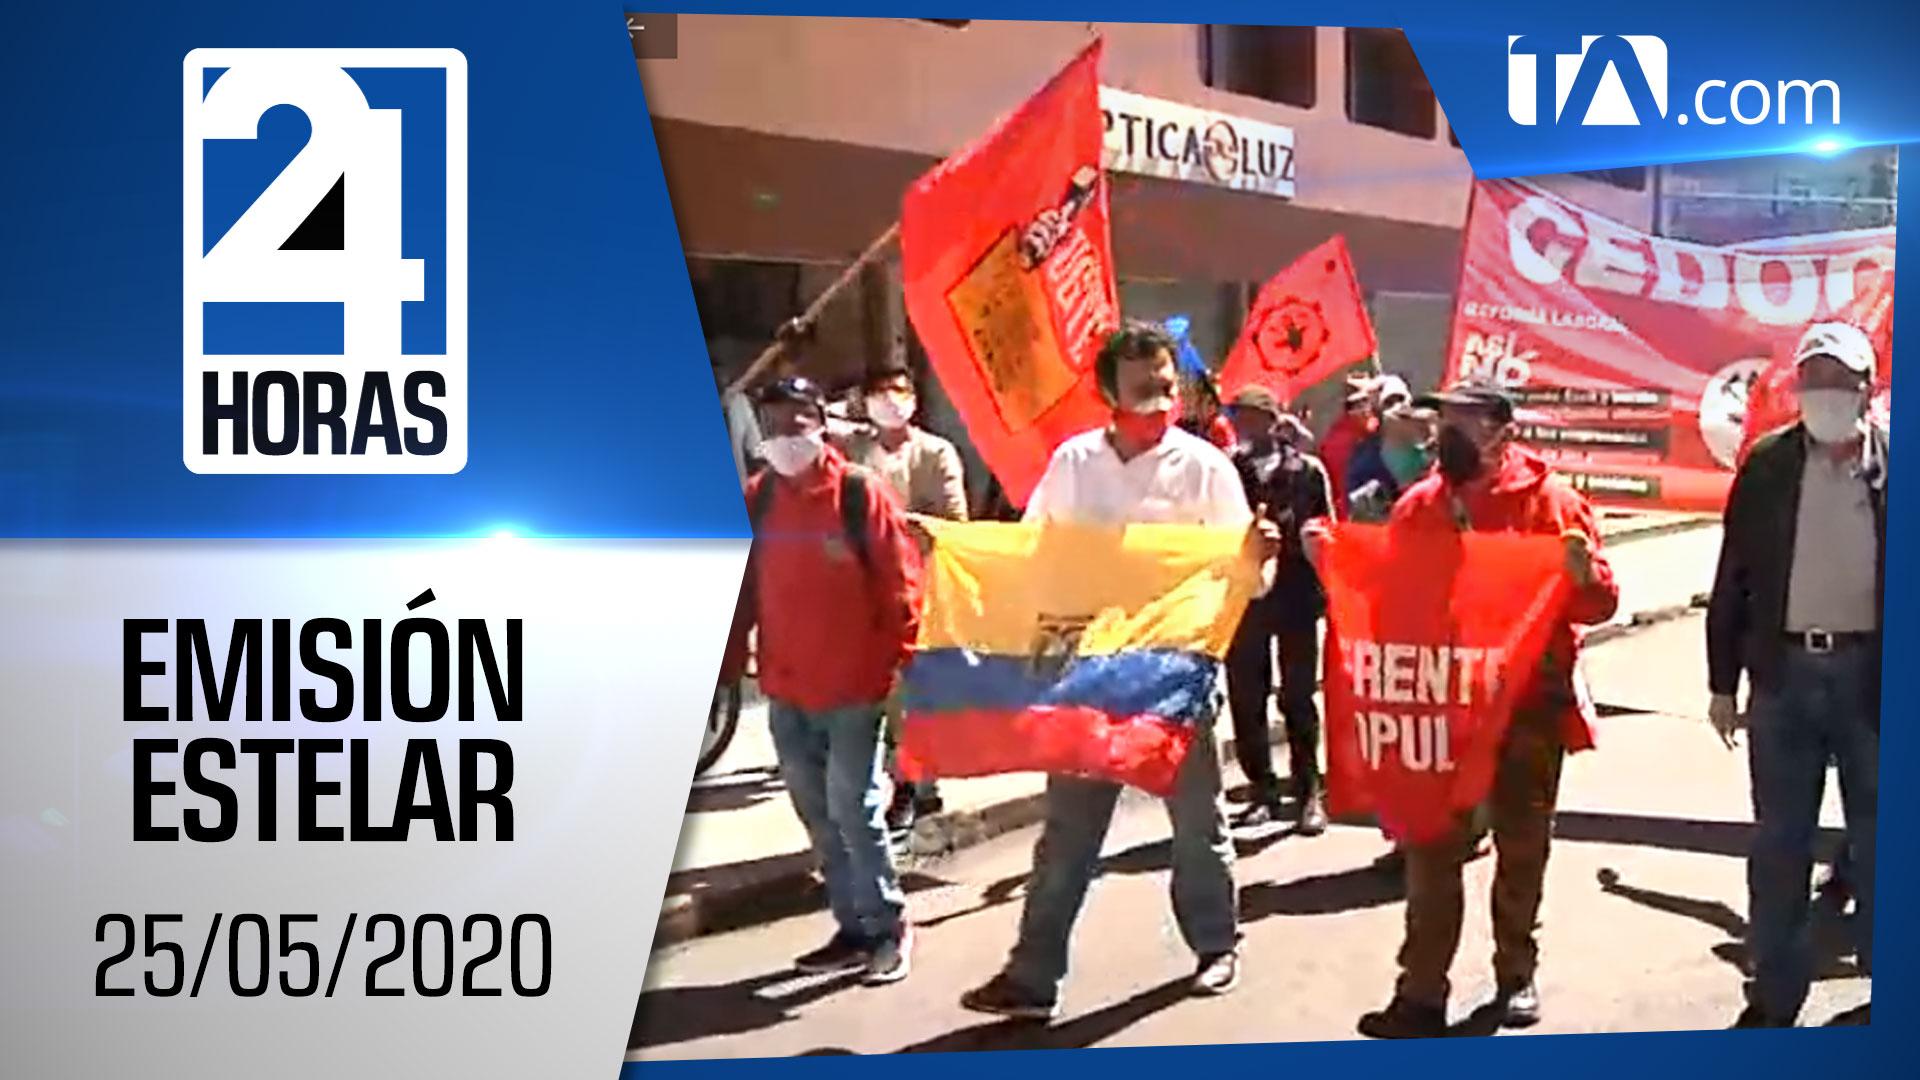 Noticias Ecuador: Noticiero 24 Horas, 25/05/2020 (Emisión Estelar)